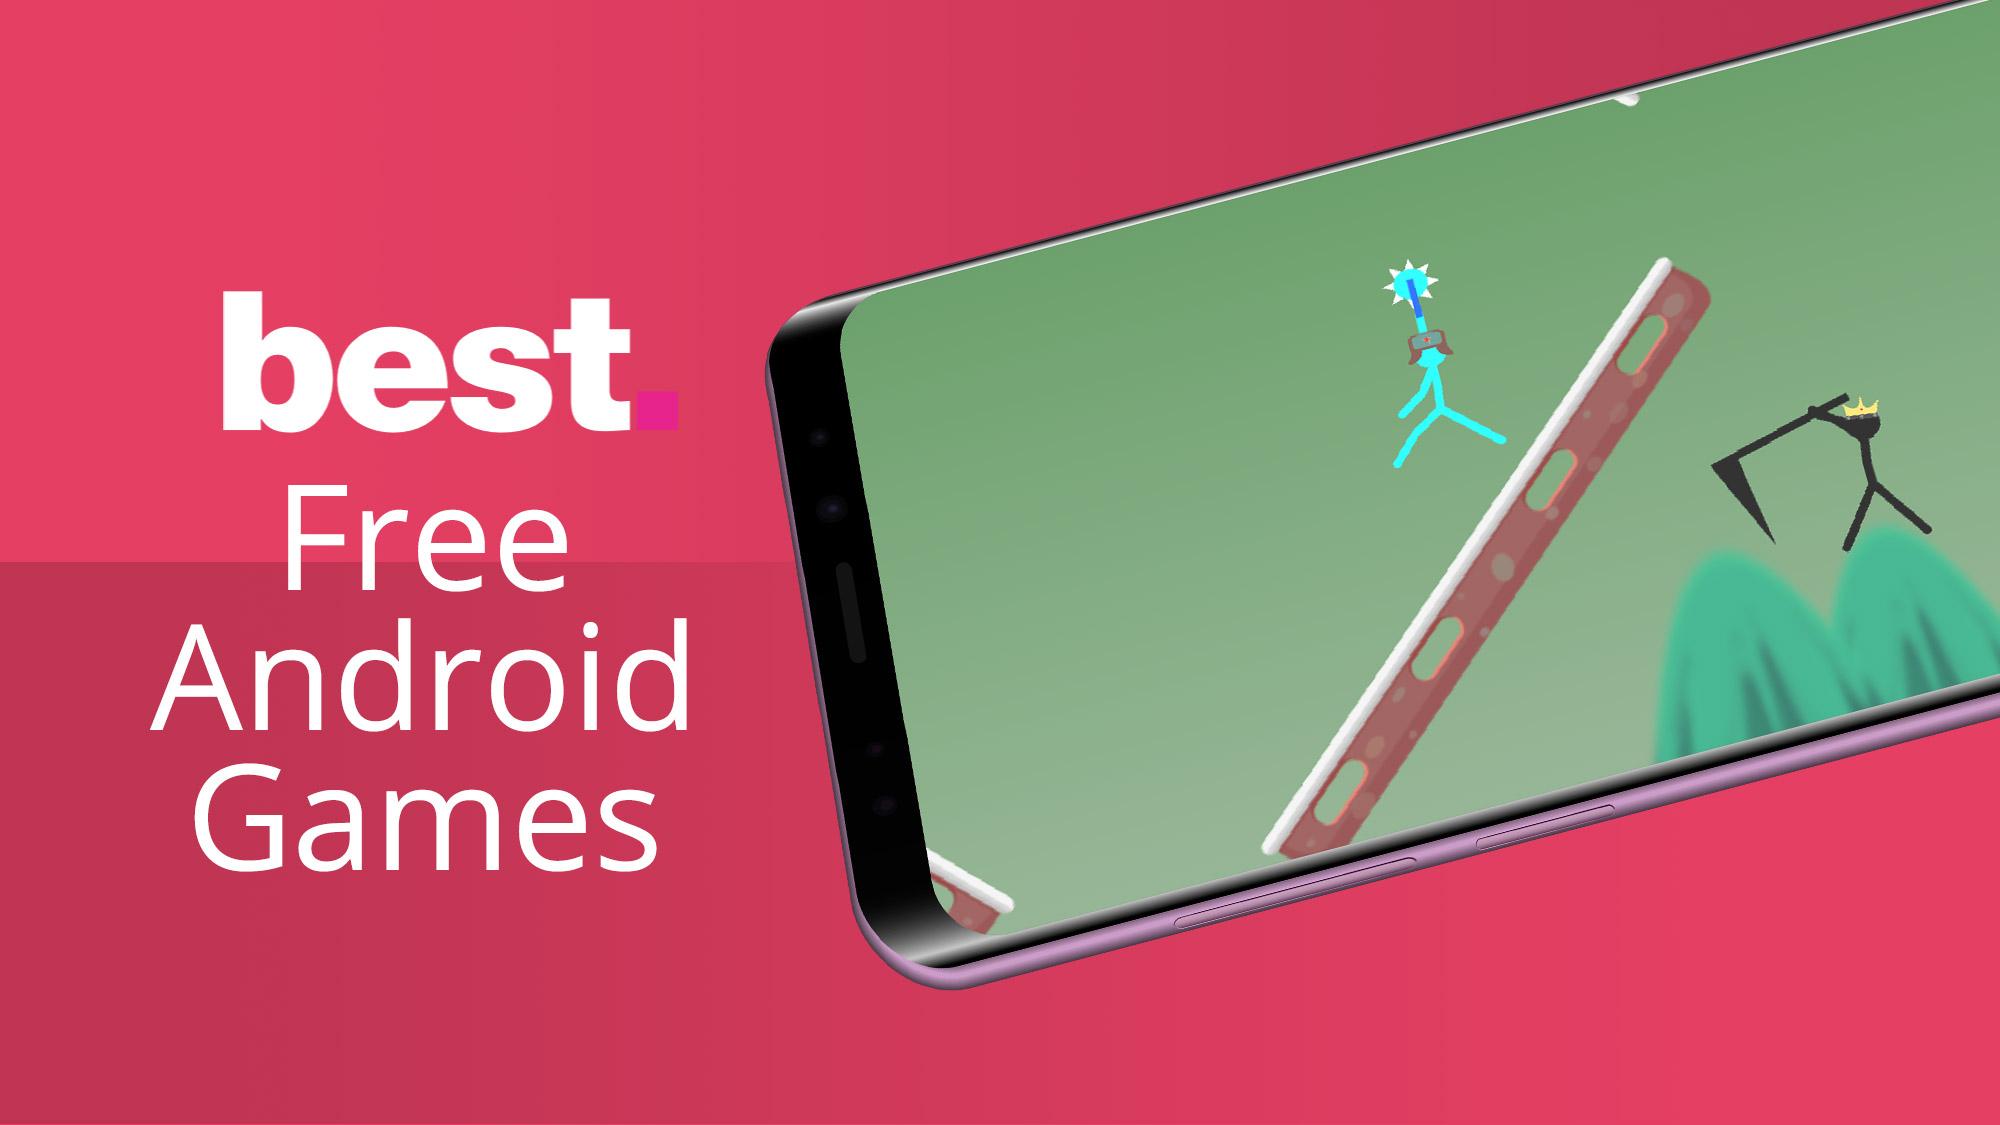 Những trò chơi dành cho Android miễn phí hay nhất 2020